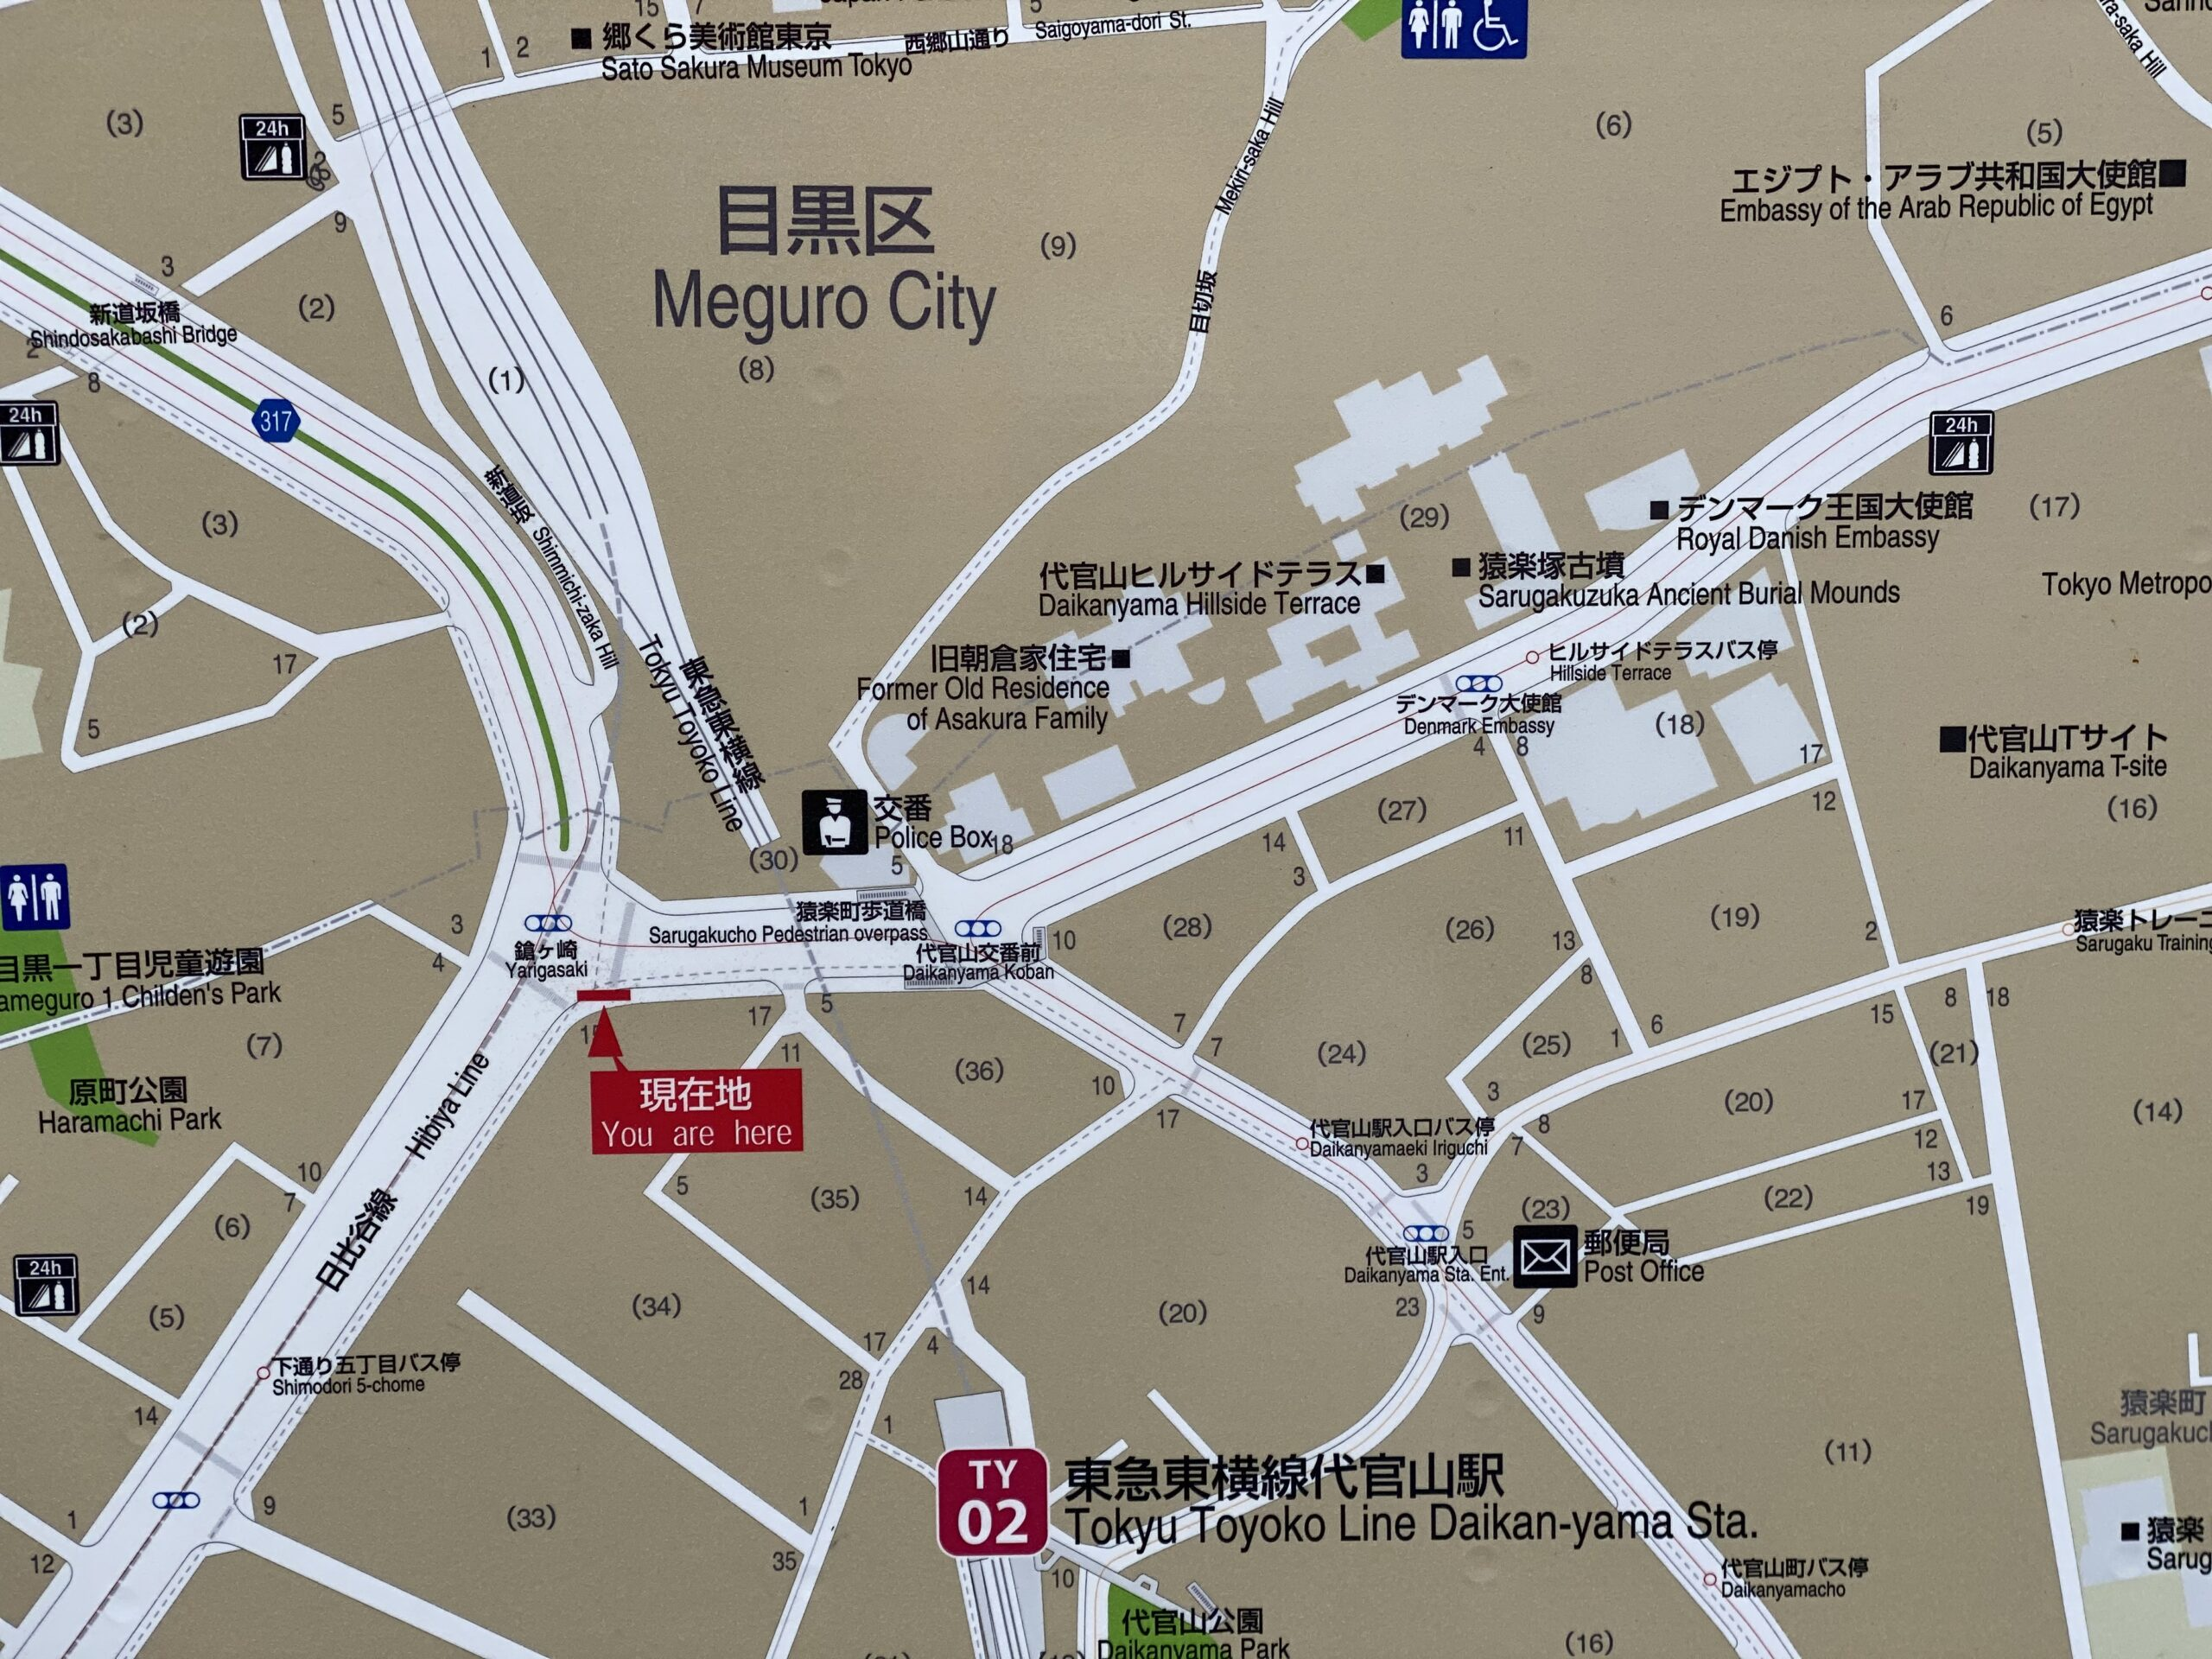 小山ケイ撮影による、代官山付近の地図(山手通りにて)